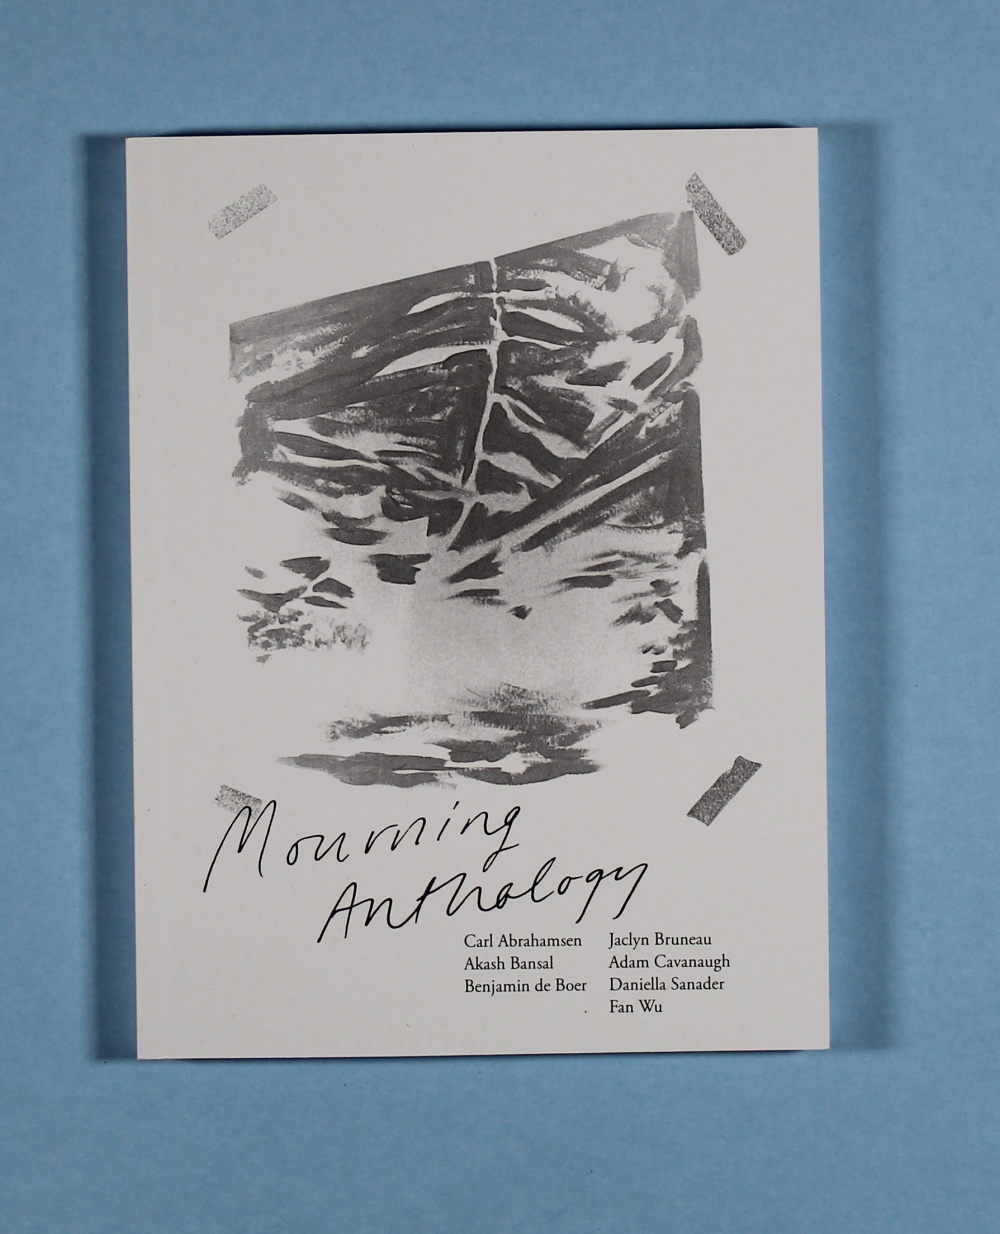 Mourning Anthology